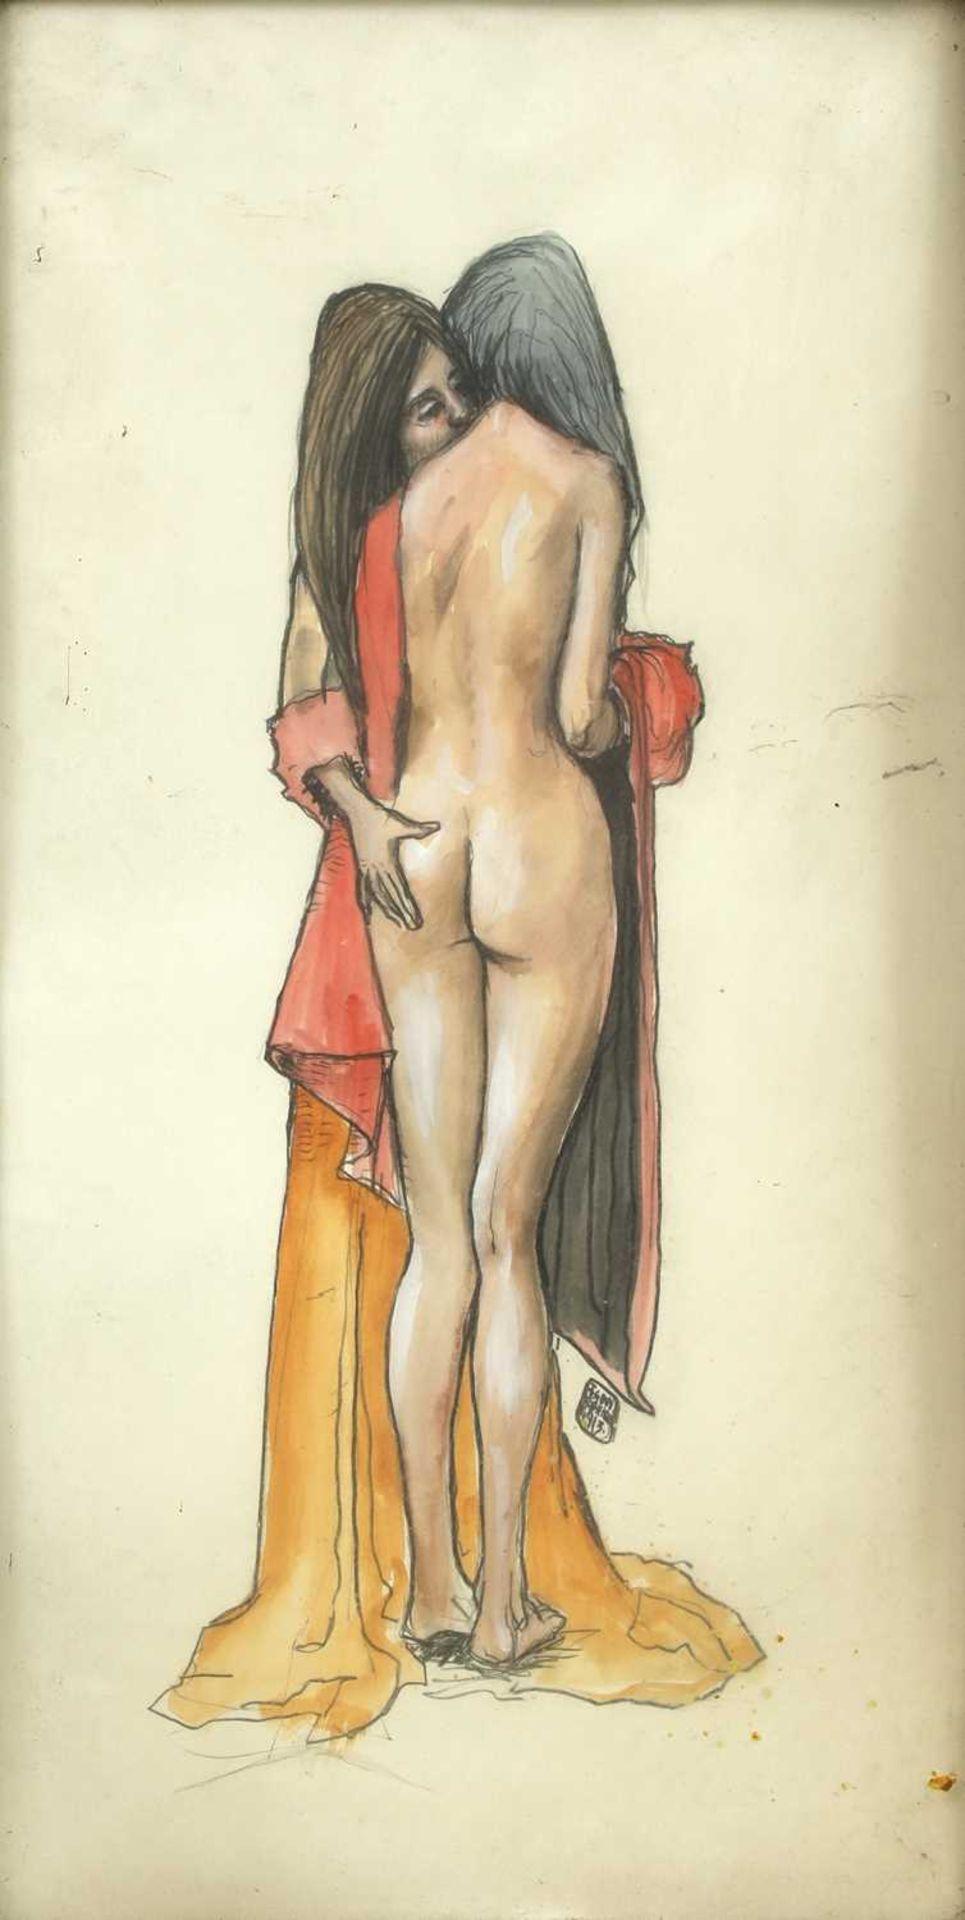 After Egon Schiele - Image 2 of 4